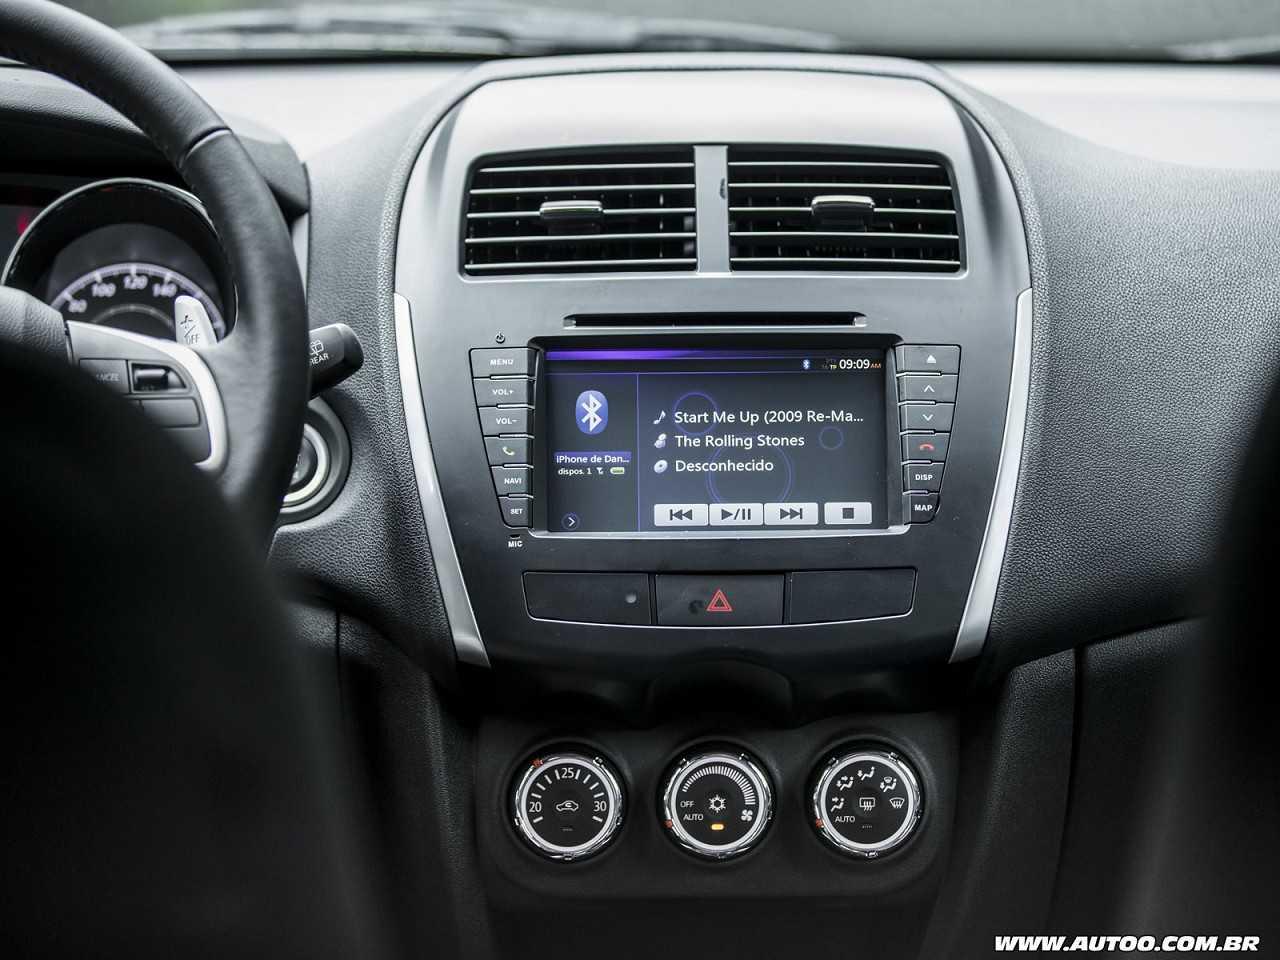 MitsubishiASX 2016 - console central